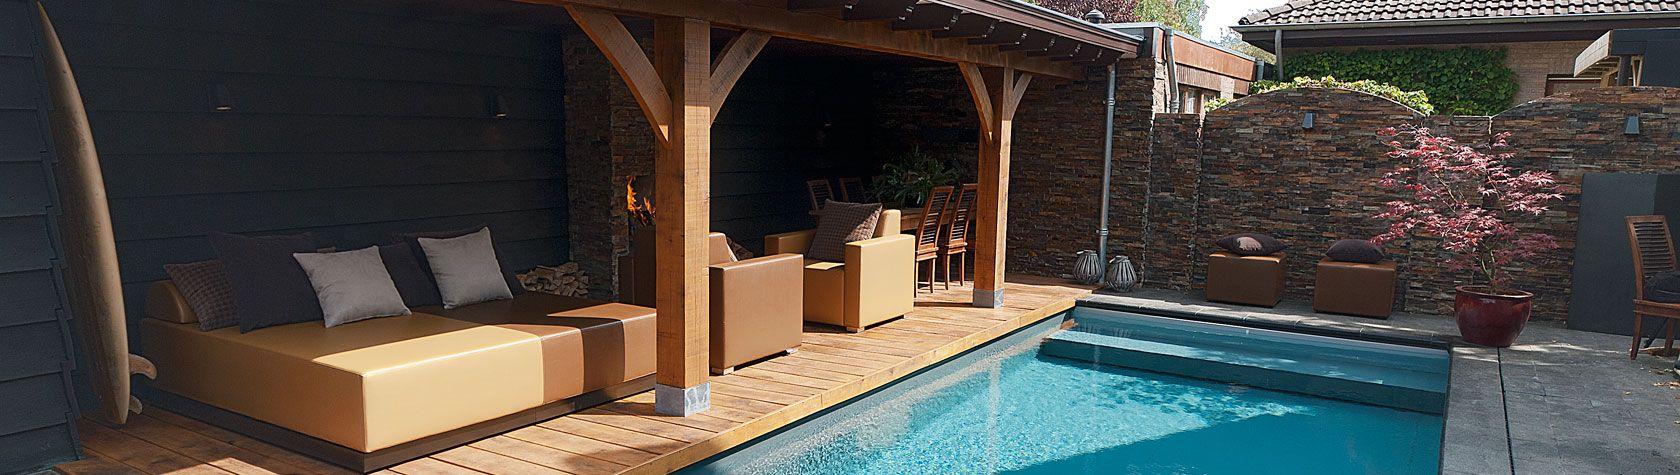 wellness-tuin-en-zwembad